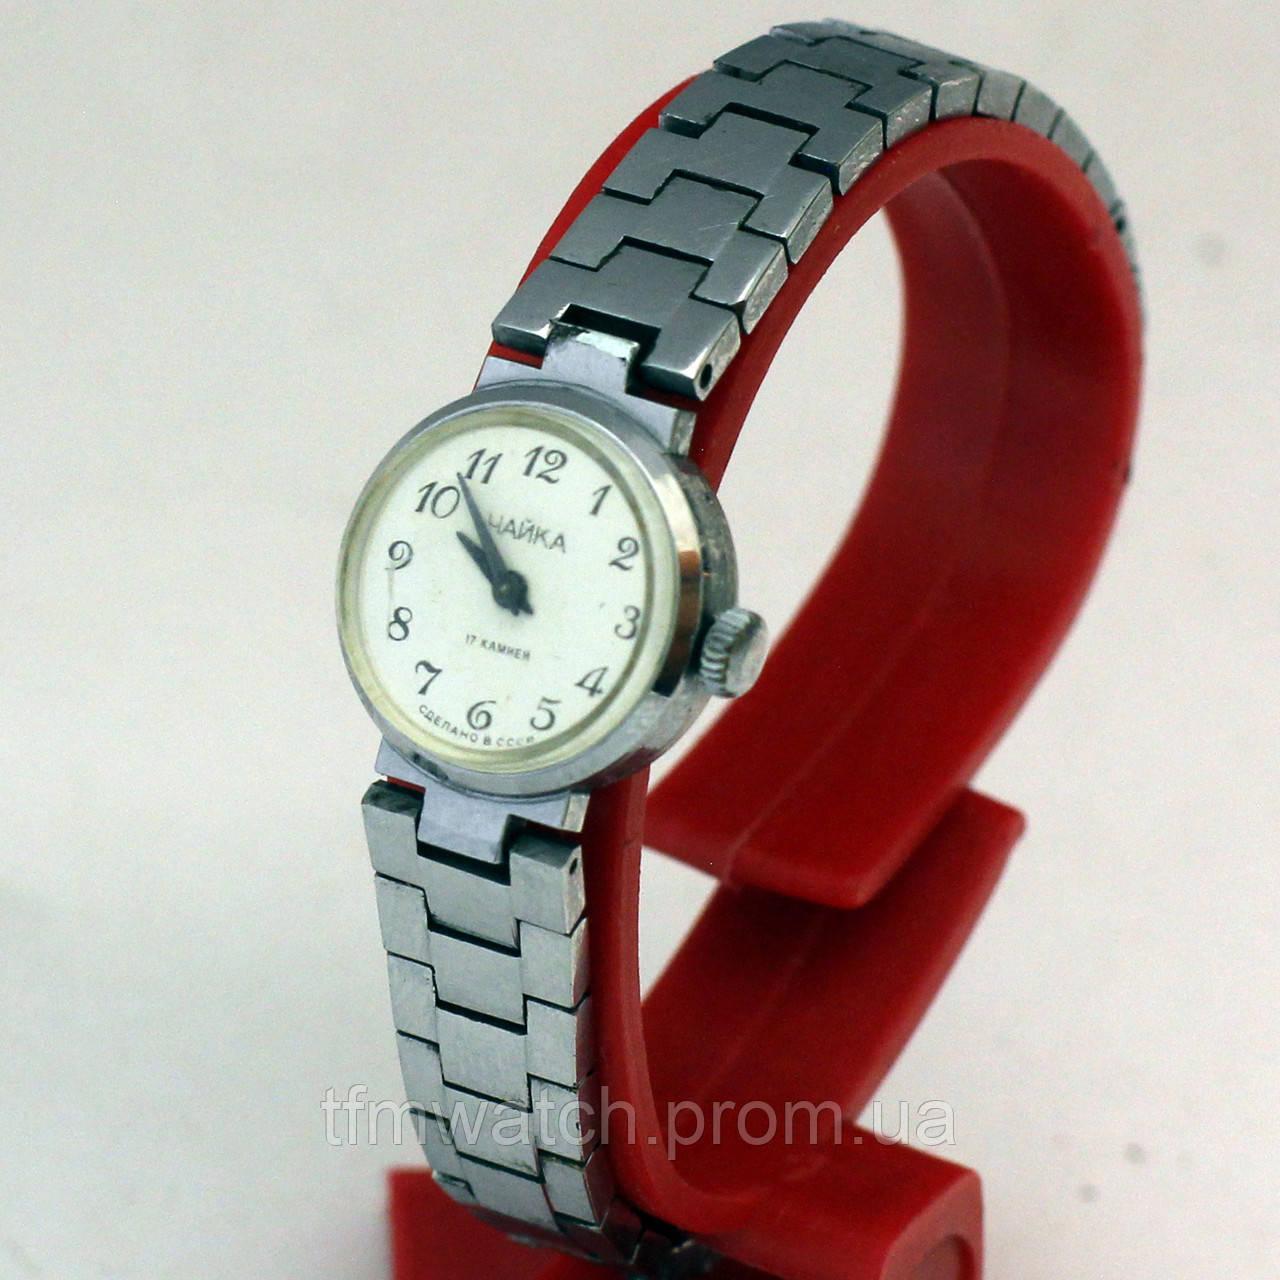 Куплю часы производство ссср женские наручные часы купить в ростове